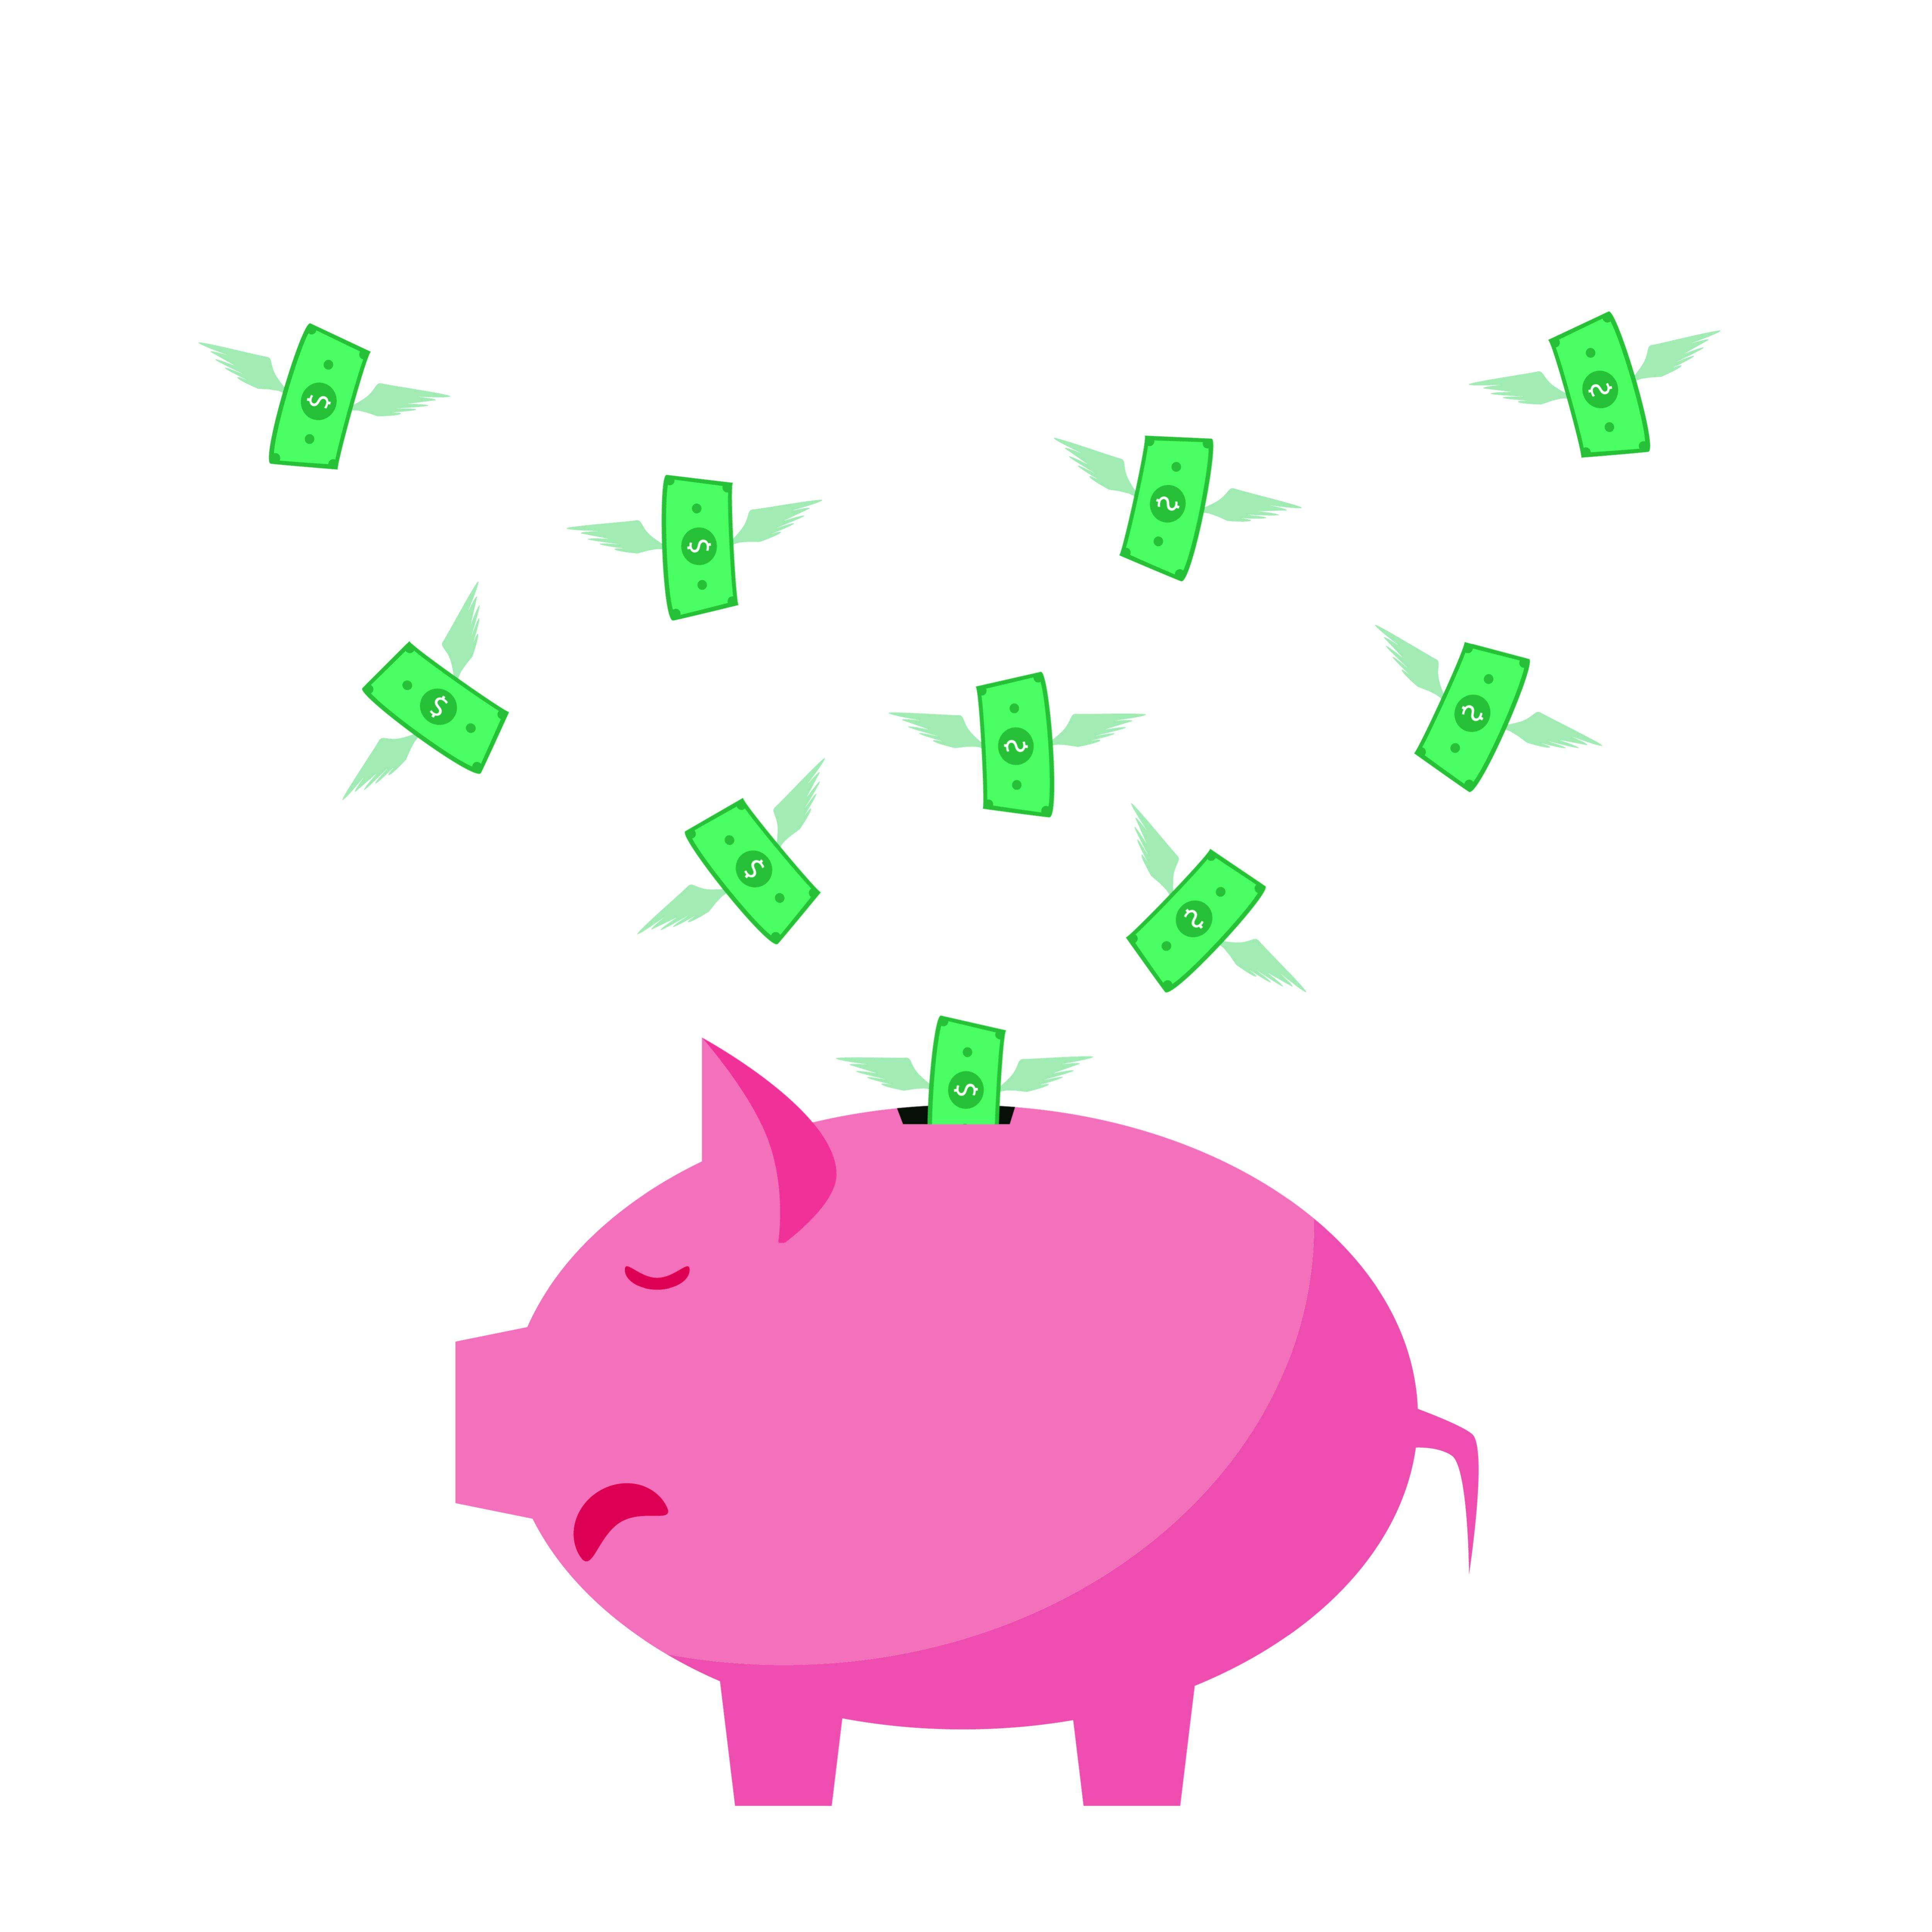 「去年より貯蓄が減った人」各世代の割合と、その理由とは?